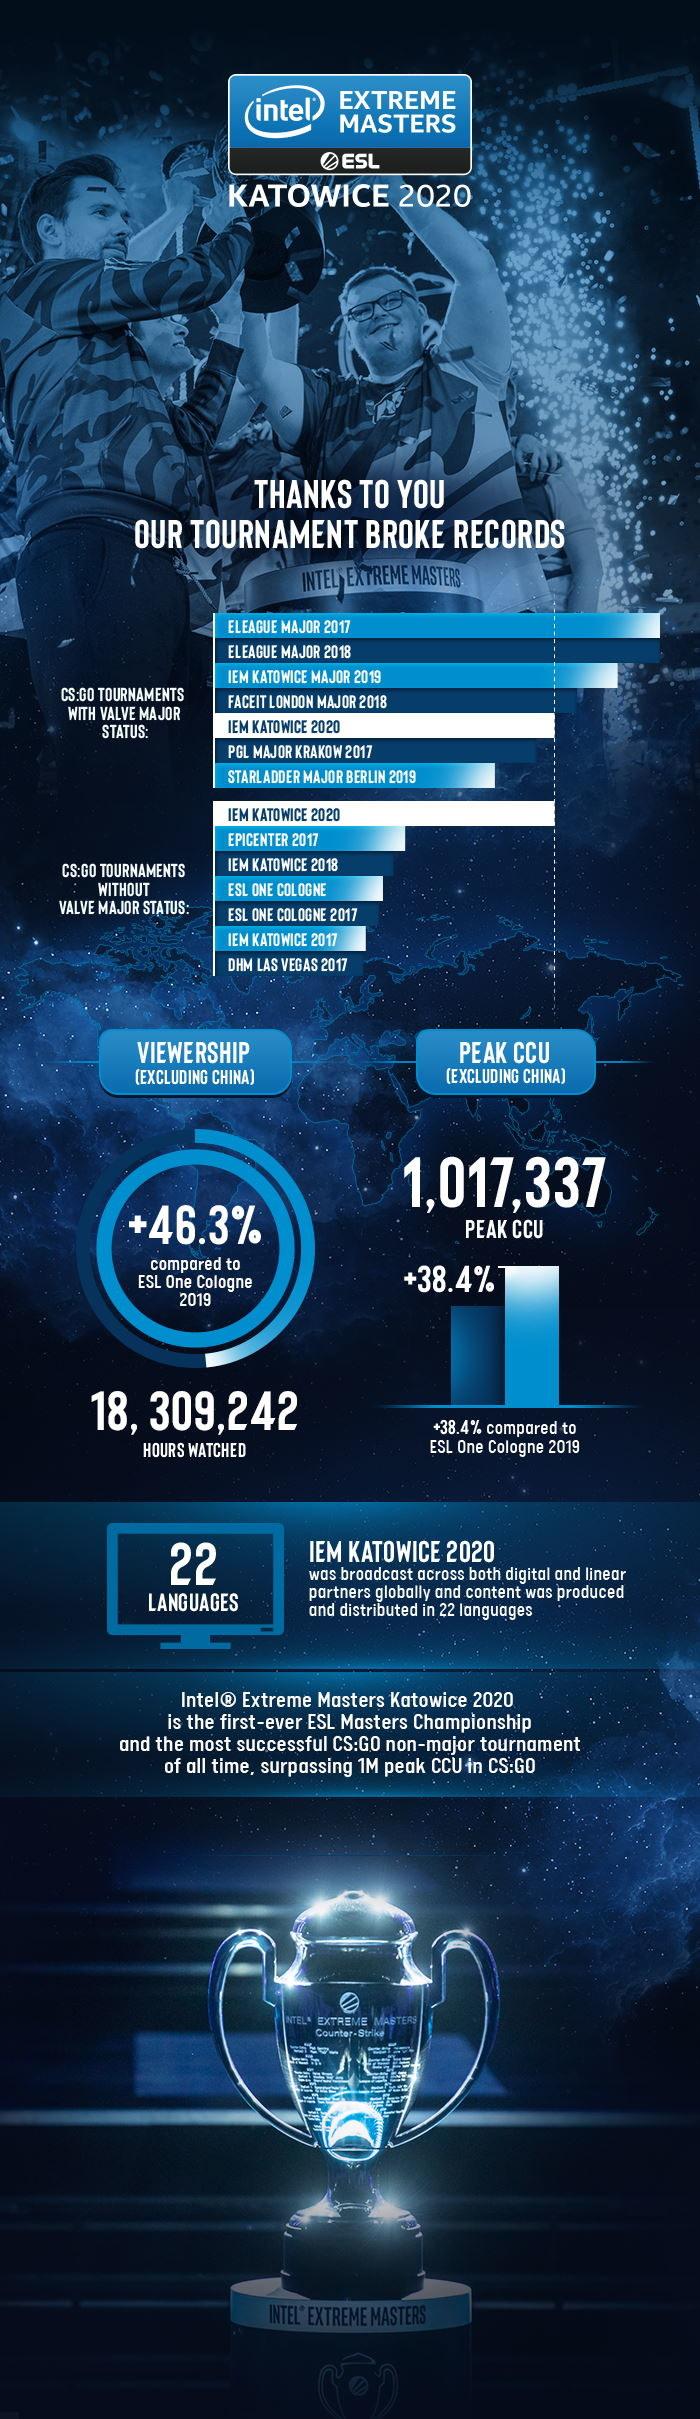 Intel Extreme Masters 2020 /materiały prasowe